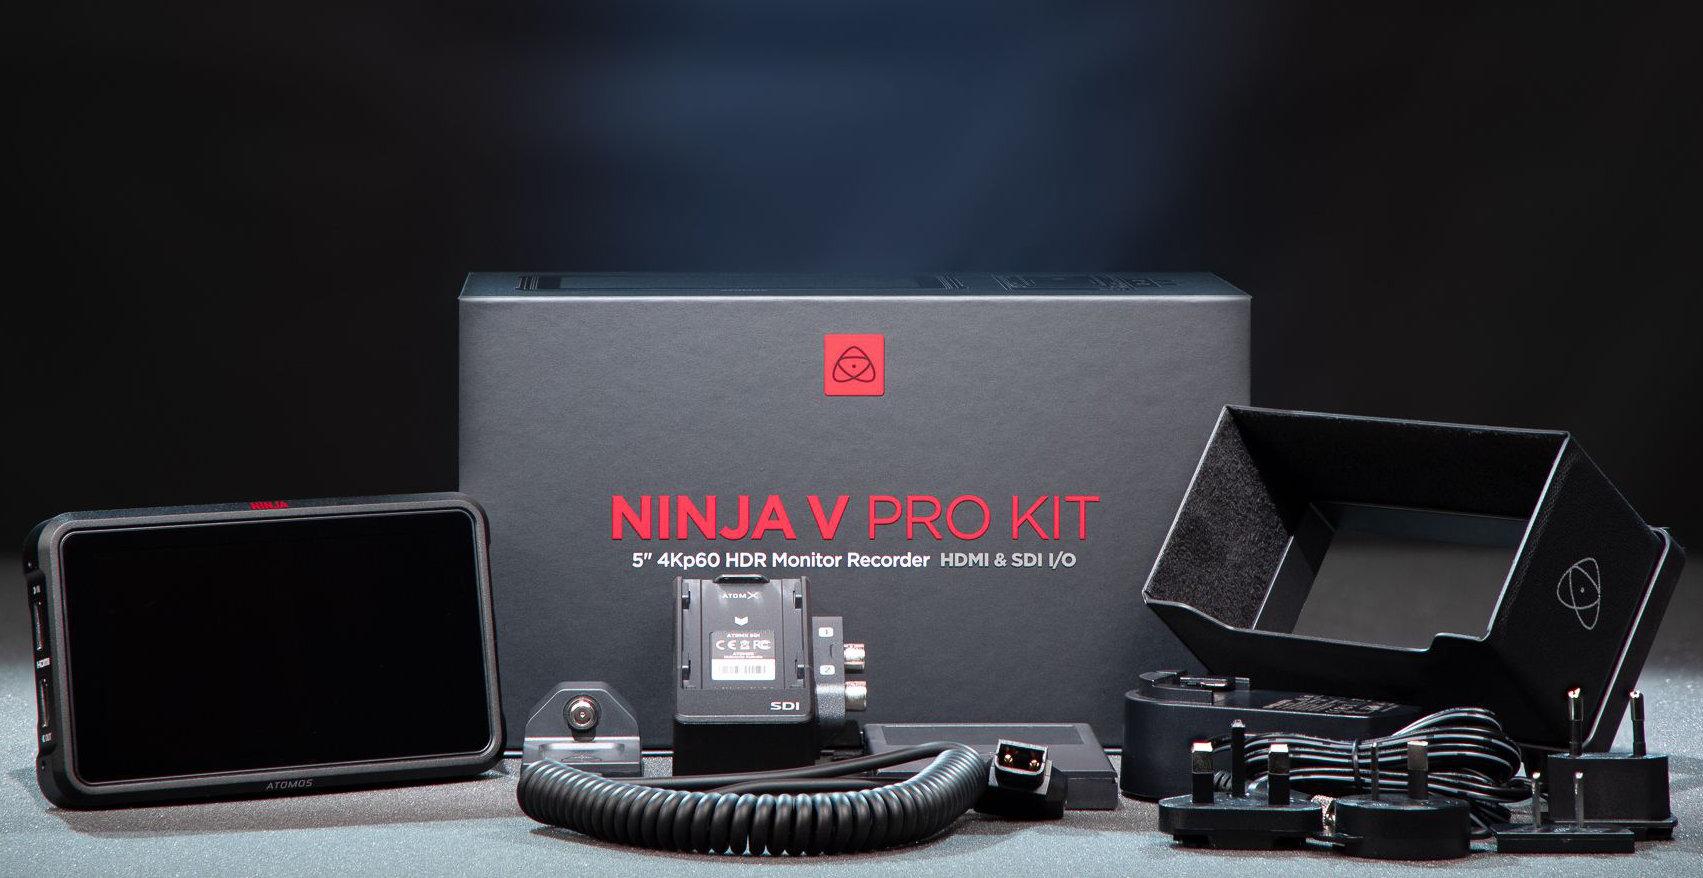 New Ninja V Pro Kit available from Atomos